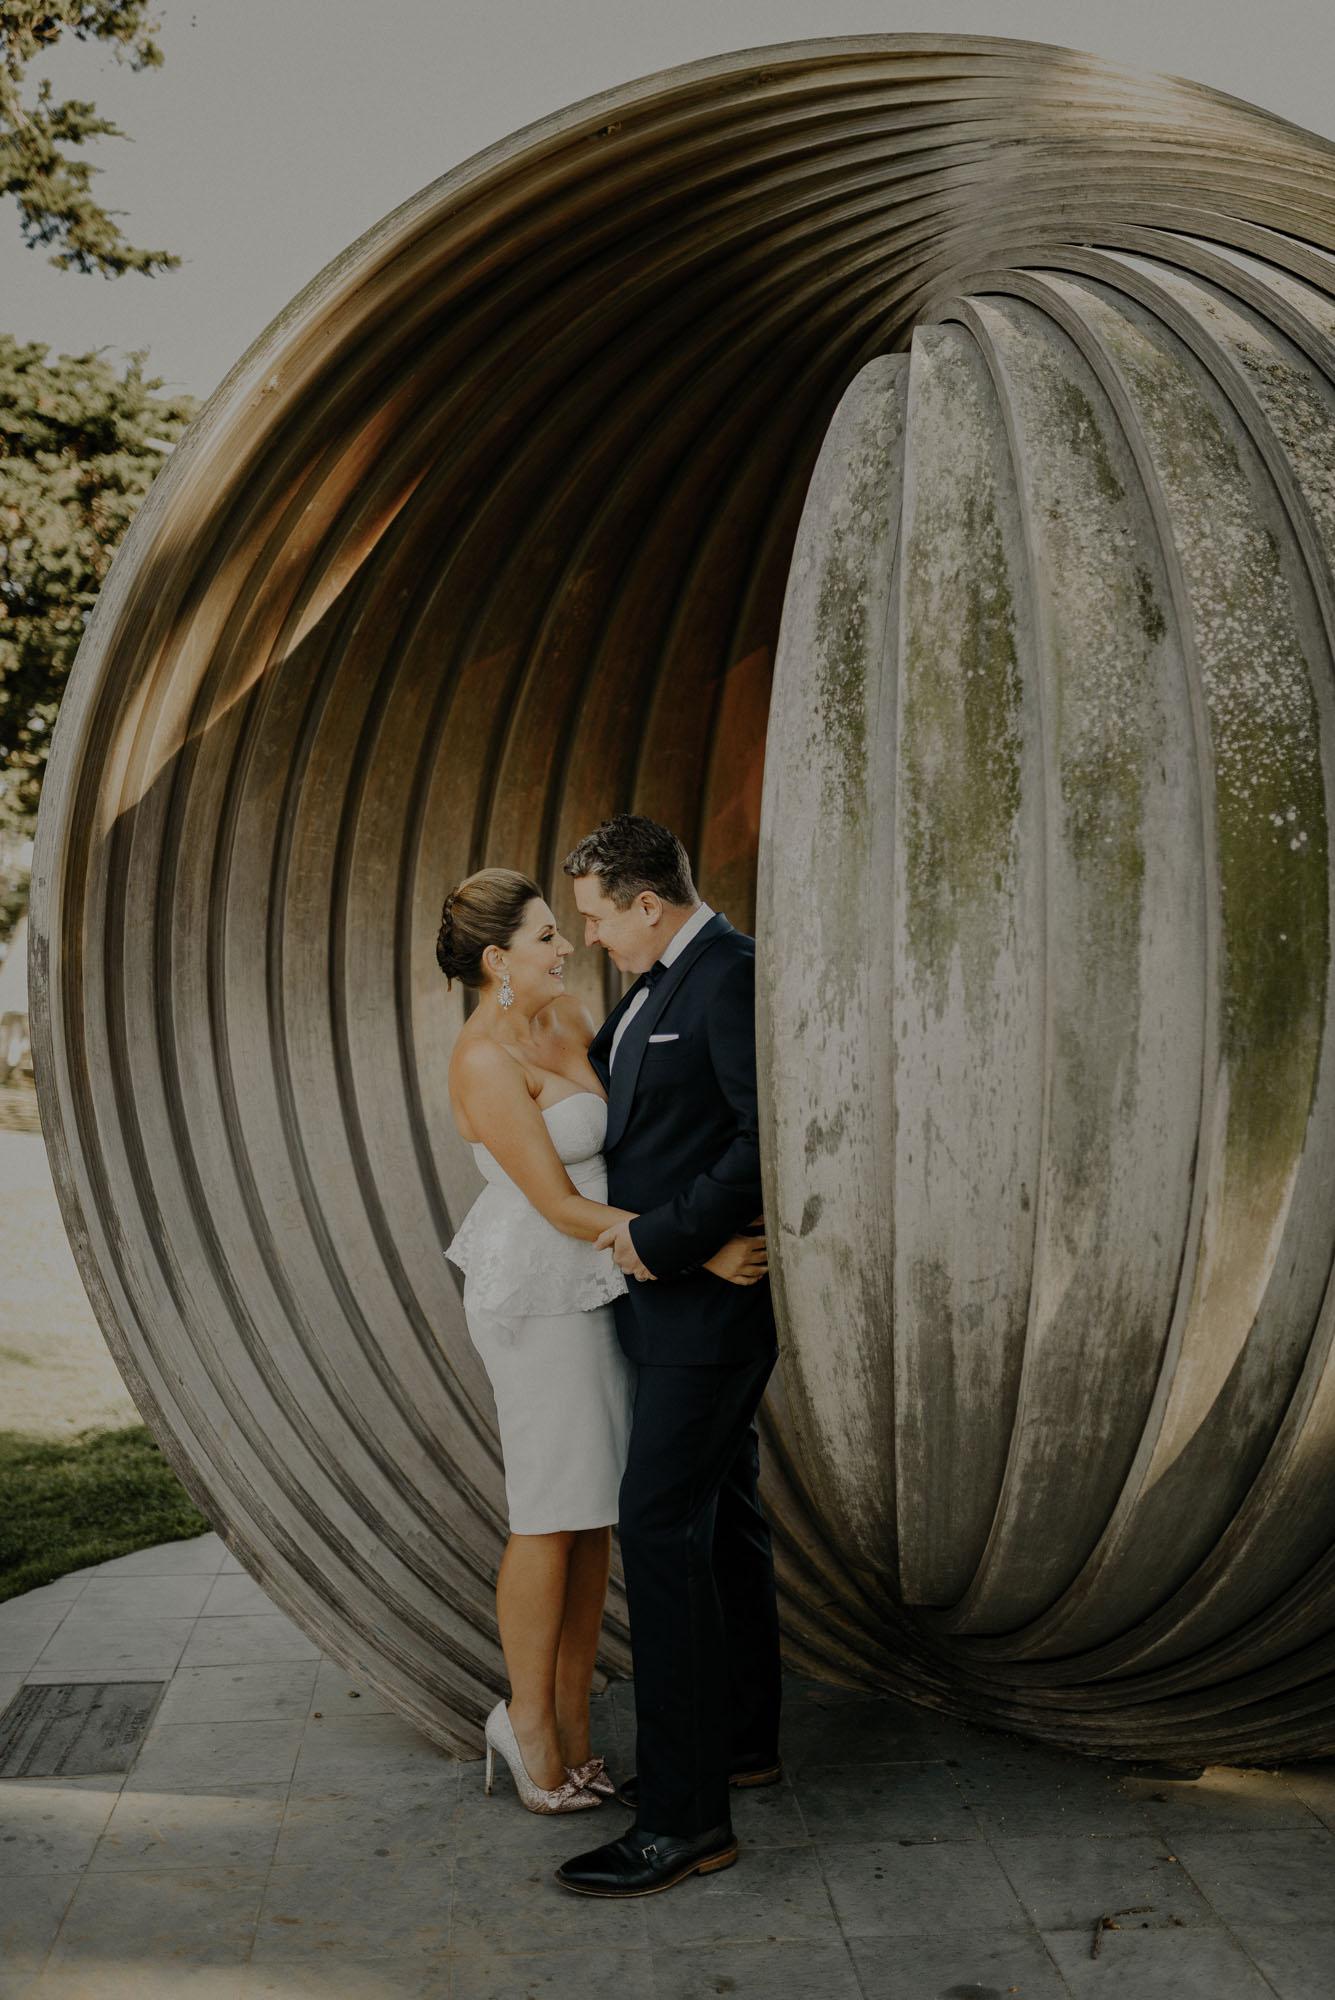 Ebony-Jason-Wedding-Indulge-Magazine-2-of-16.jpg